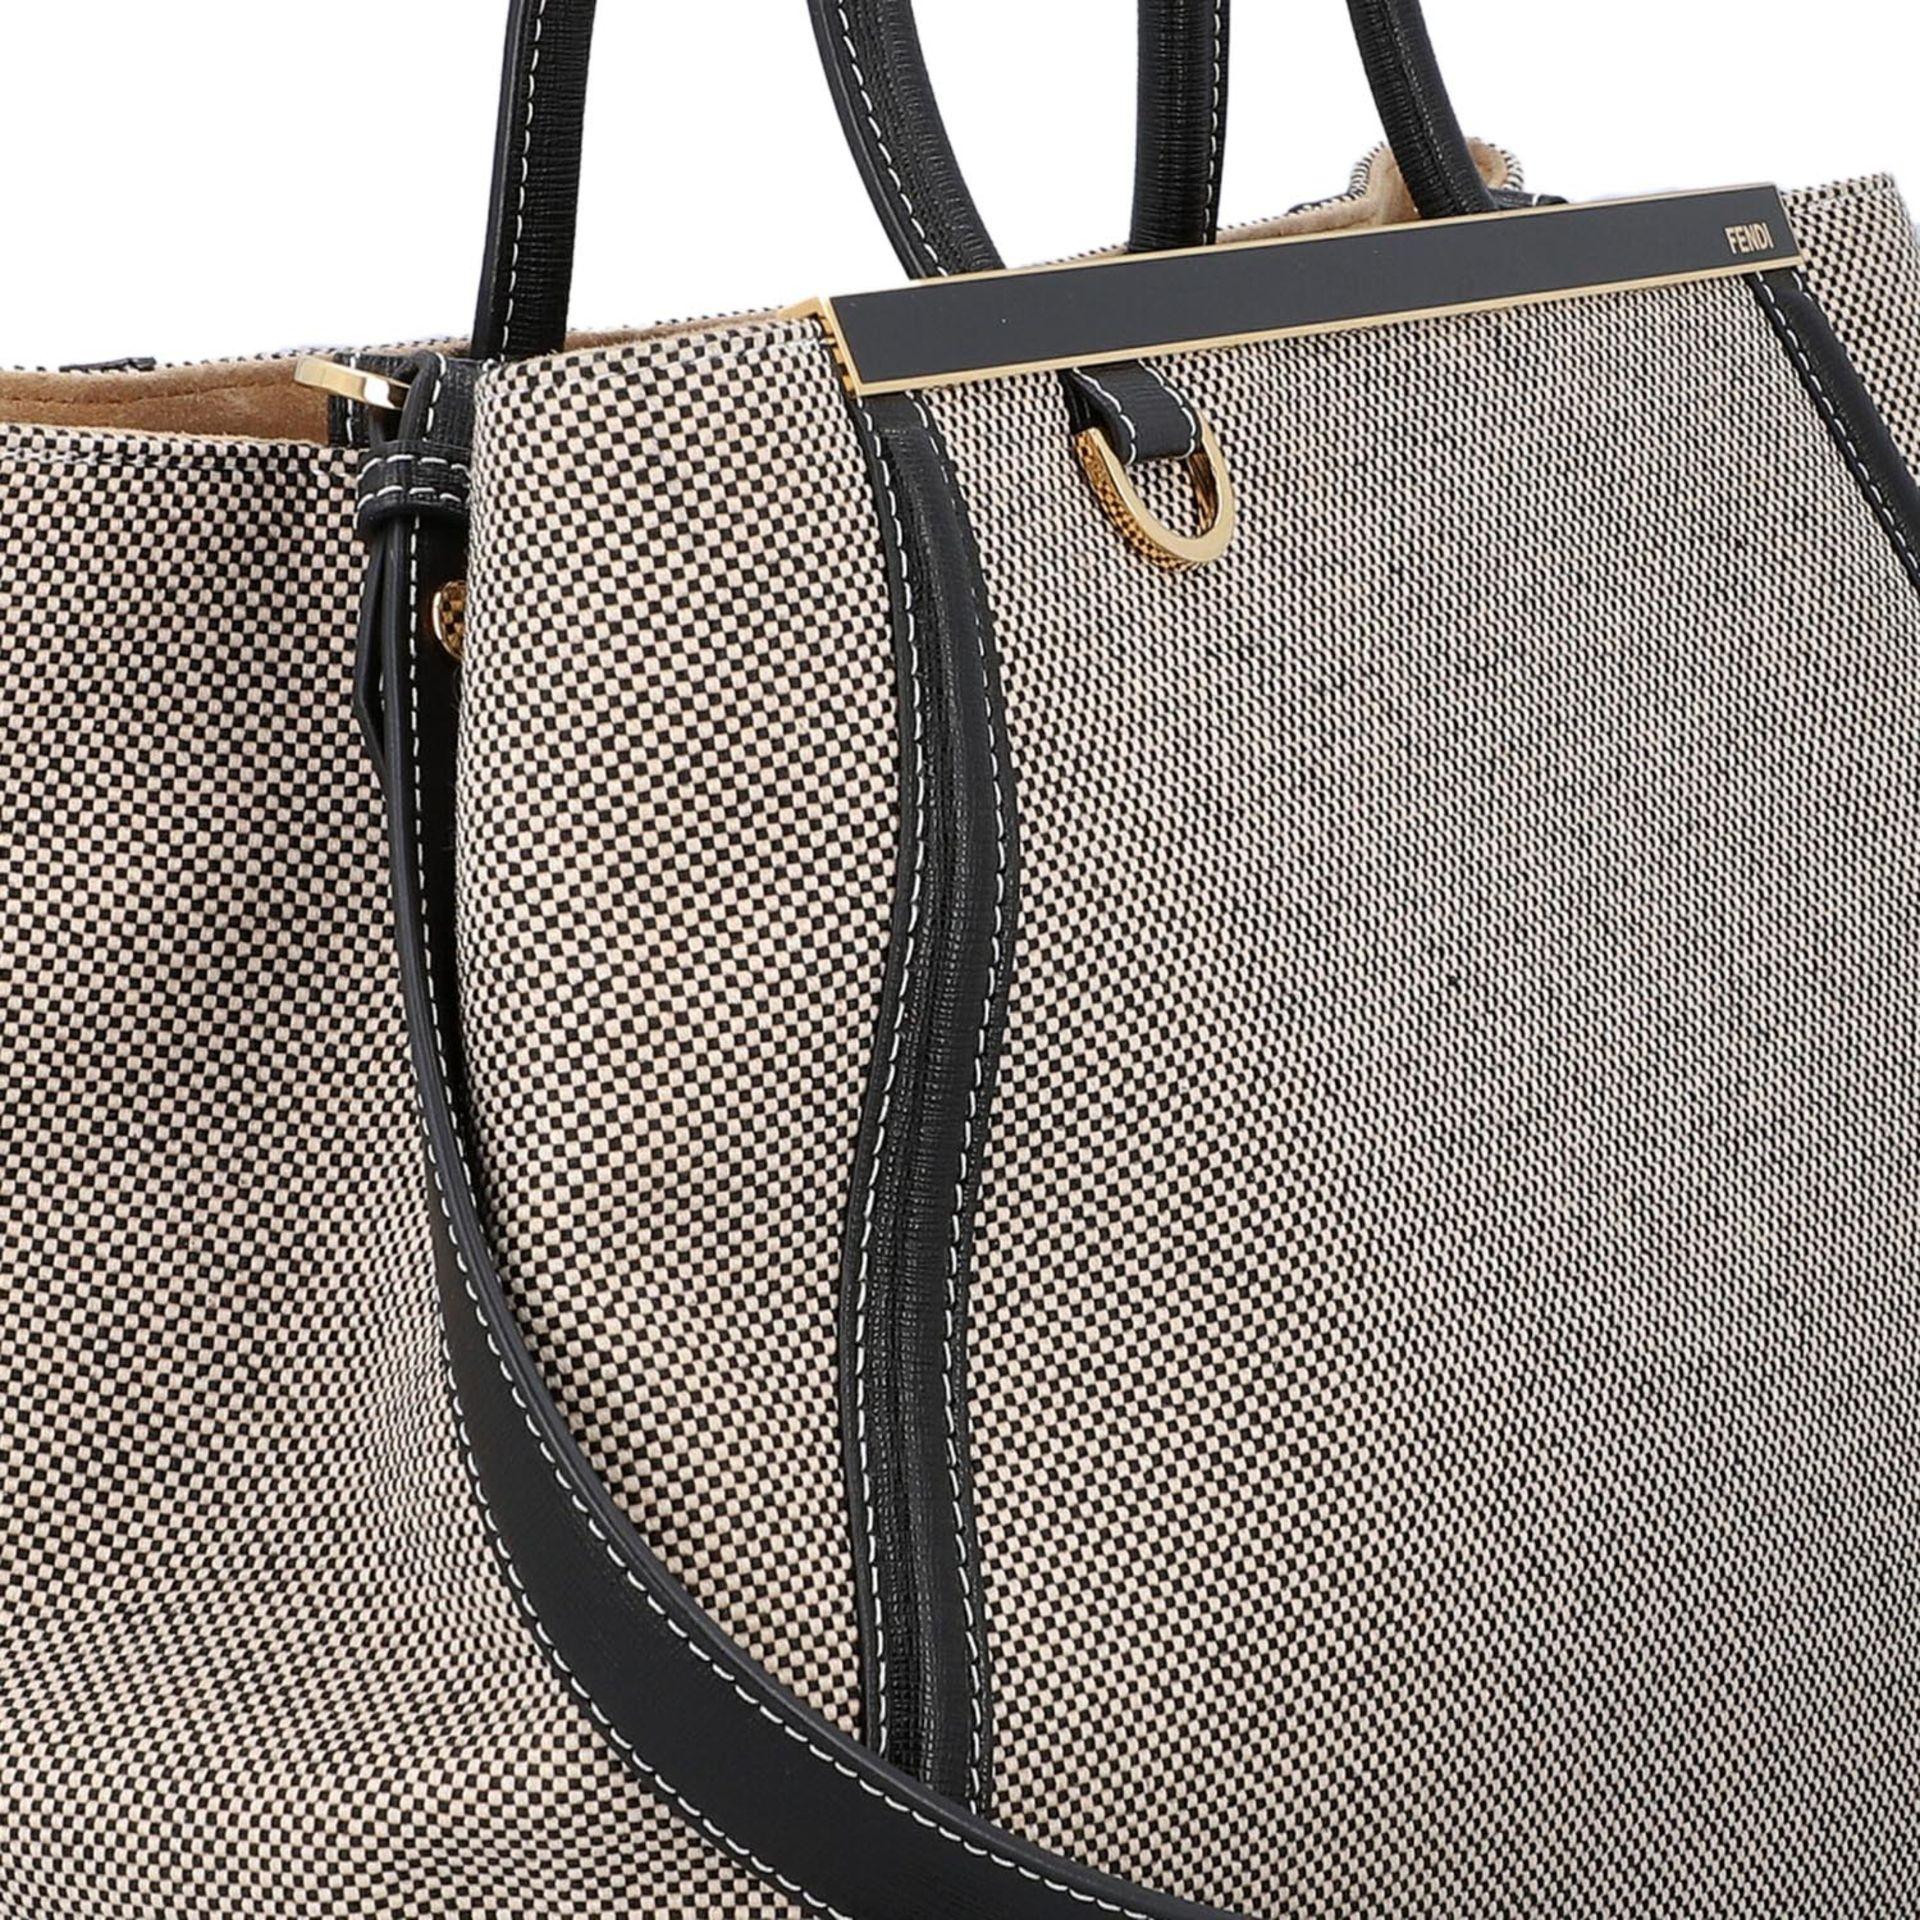 FENDI Handtasche, NP. ca.: 1.900,-€. Gewebtes Textil in Schwarz/Weiß mit schwarzem - Image 8 of 8